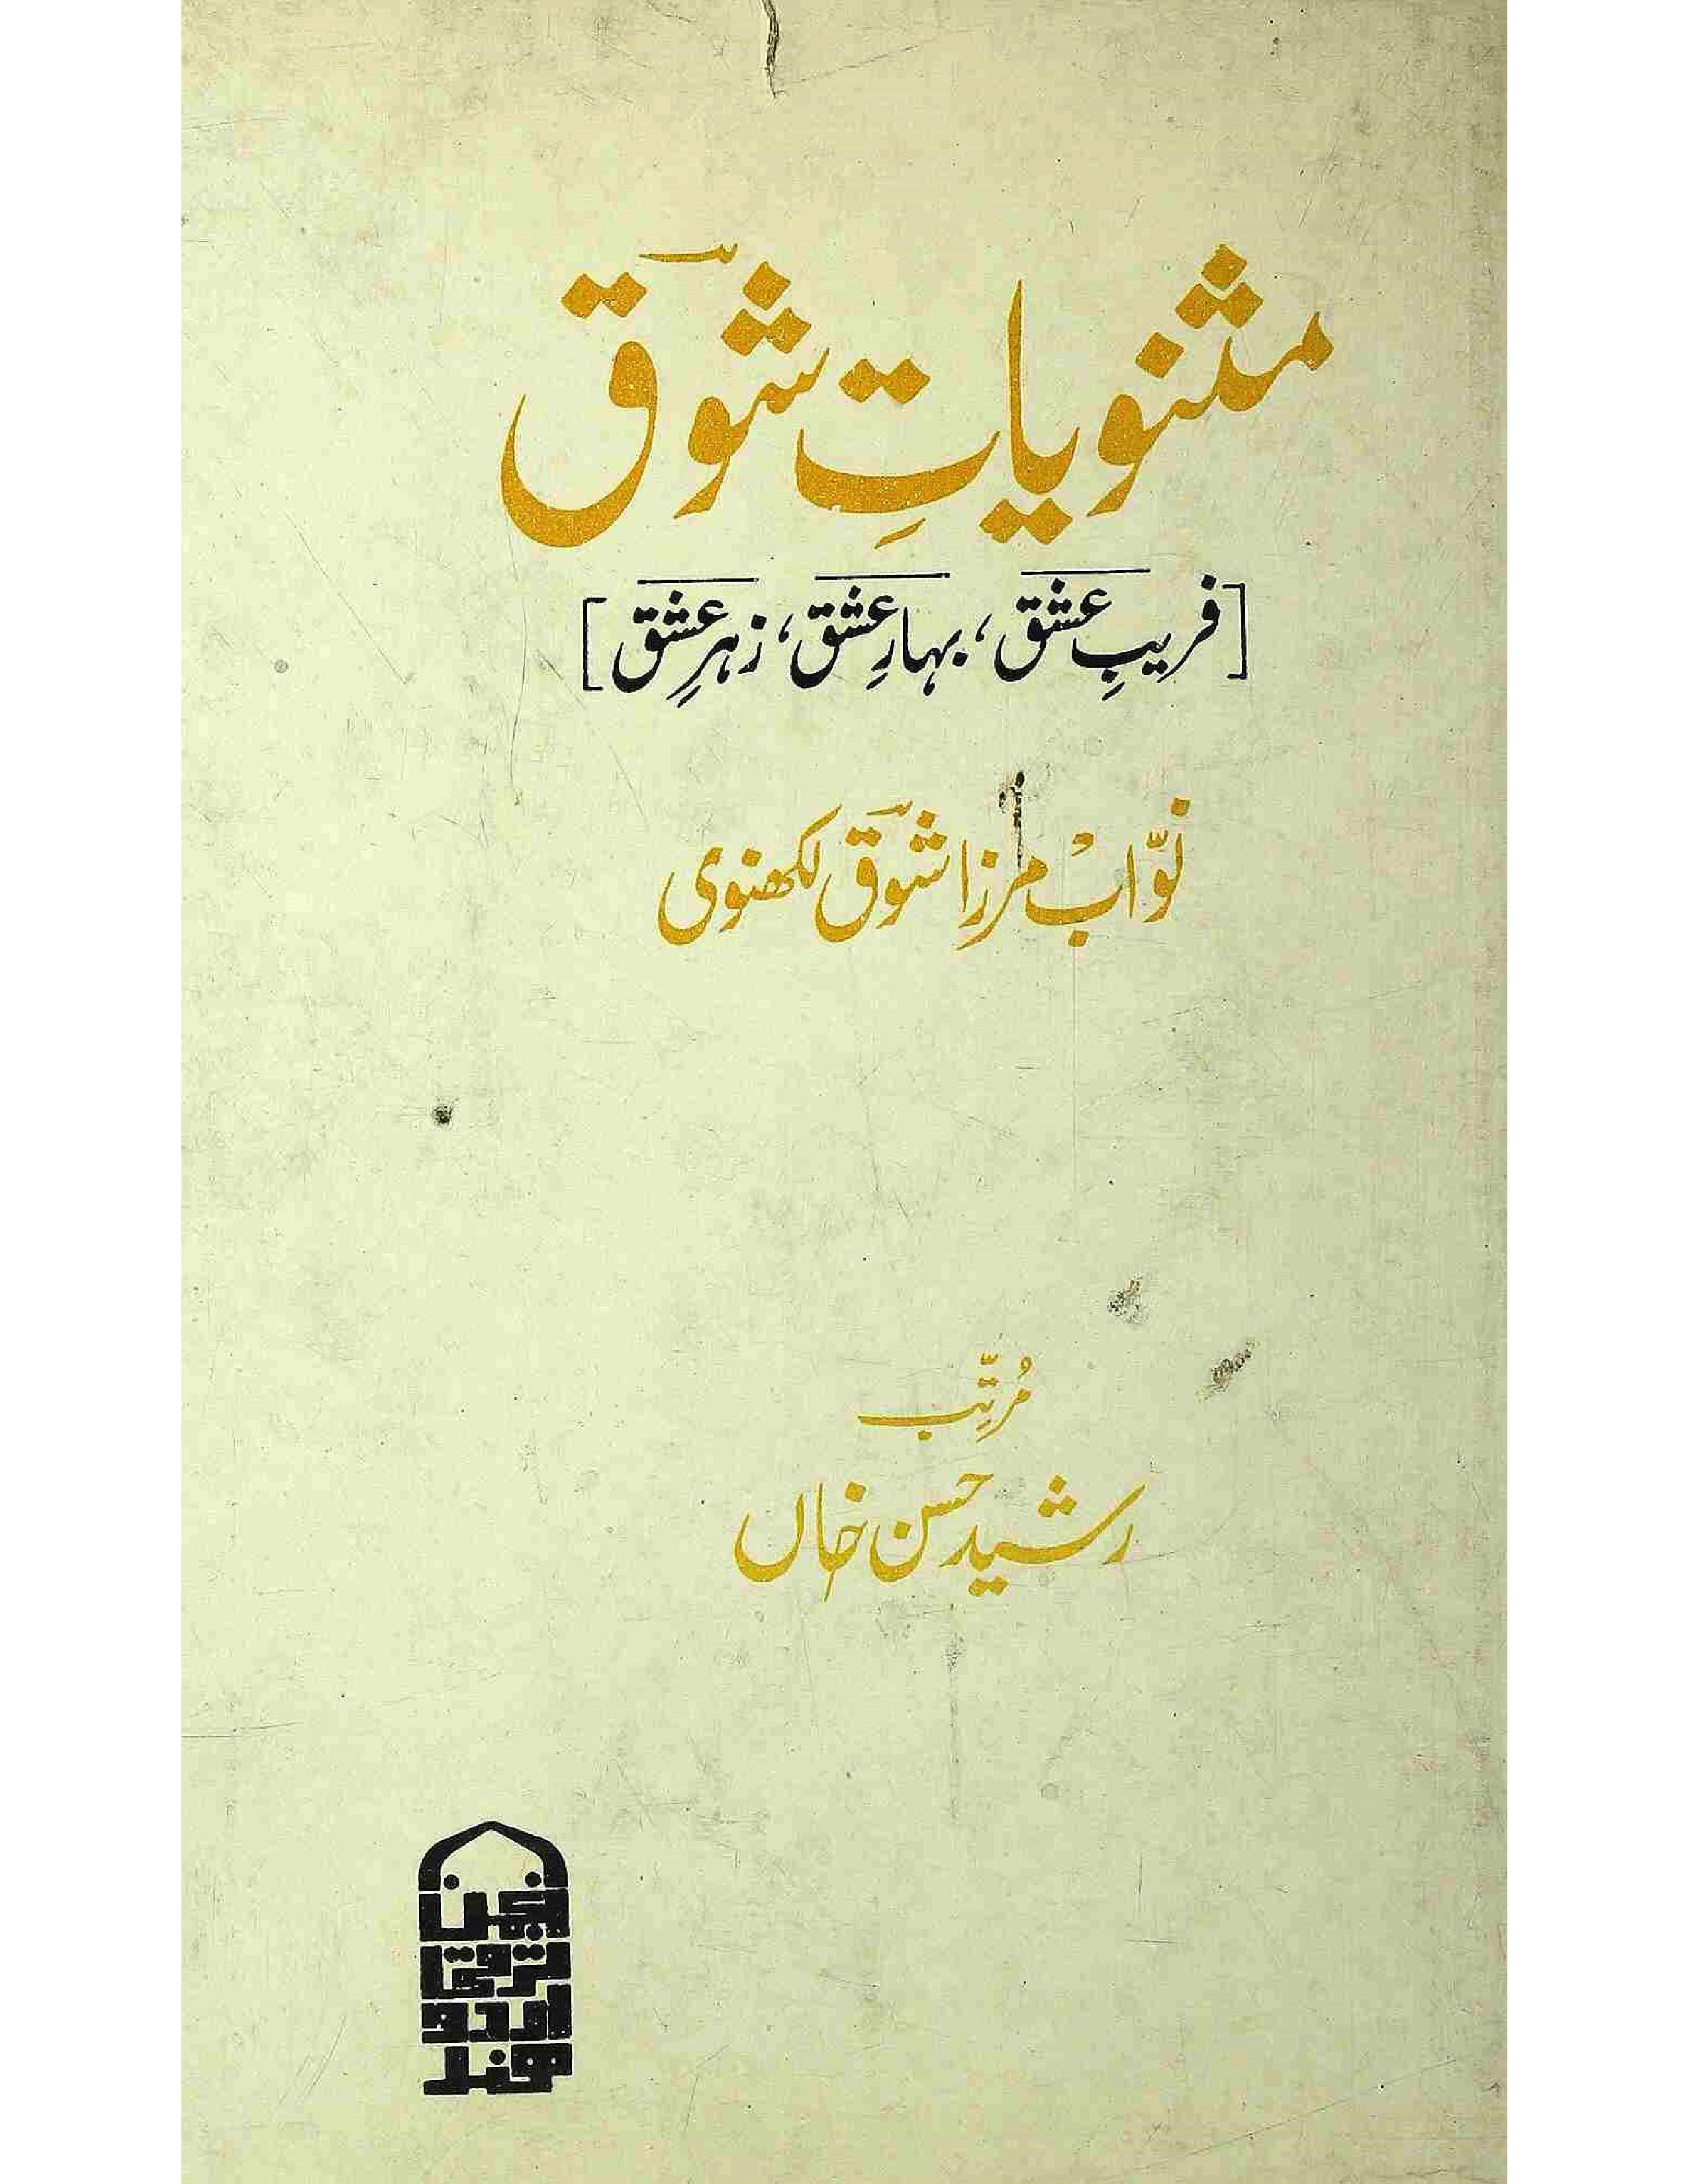 Masnaviat-e-Shauq